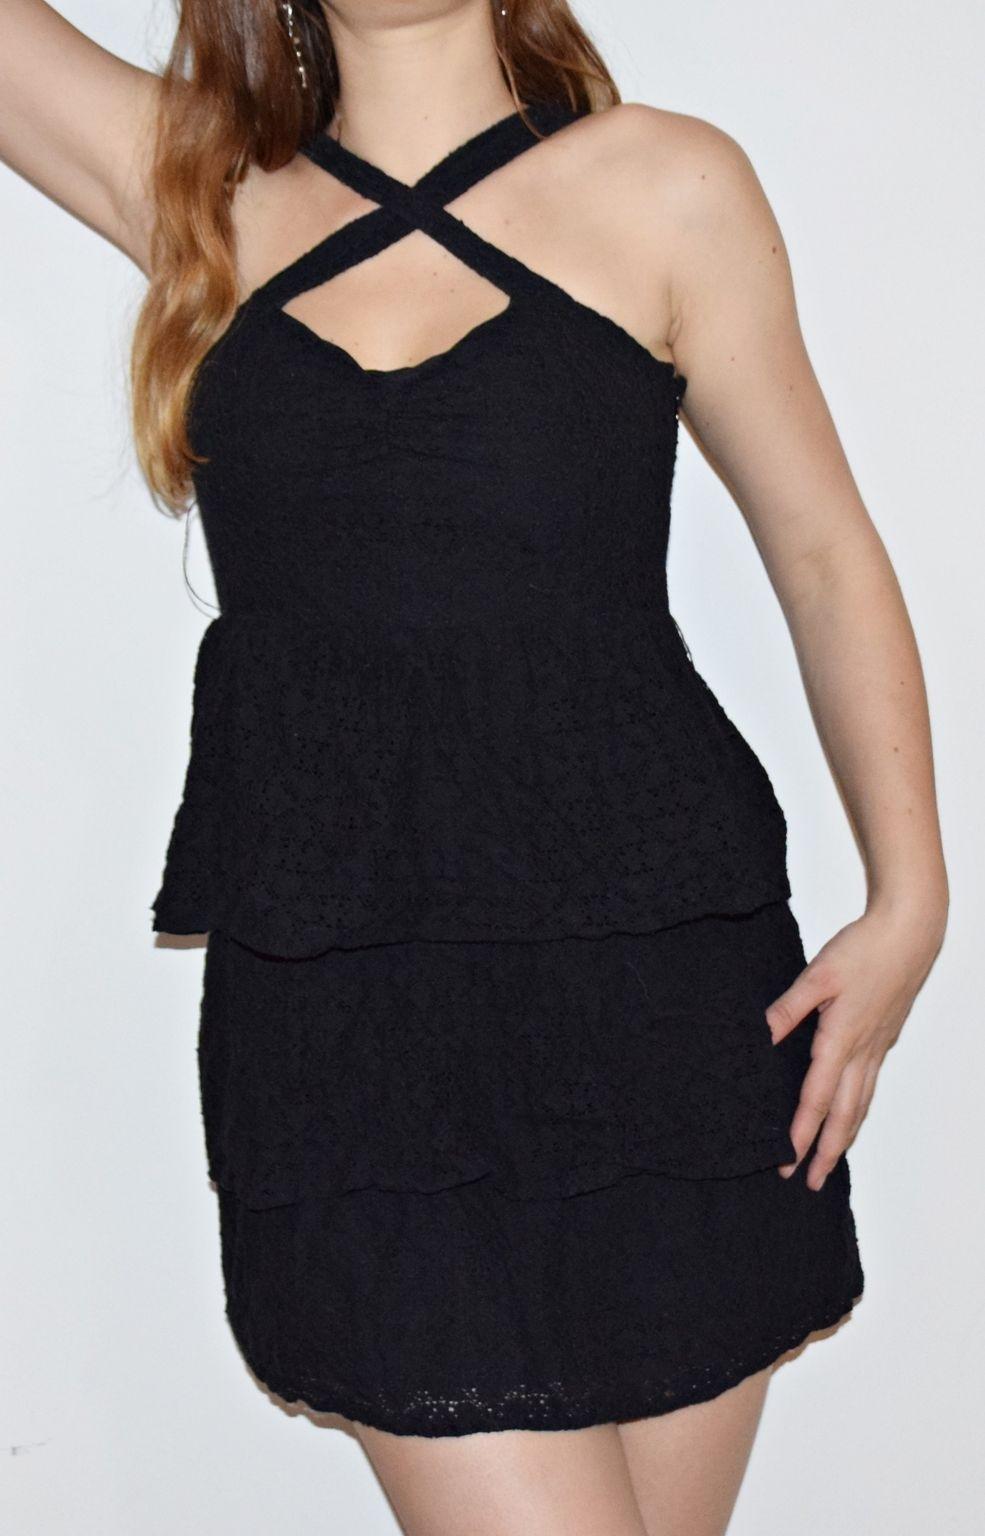 Designer Spektakulär Schwarzes Kleid Spitze Galerie15 Fantastisch Schwarzes Kleid Spitze Spezialgebiet